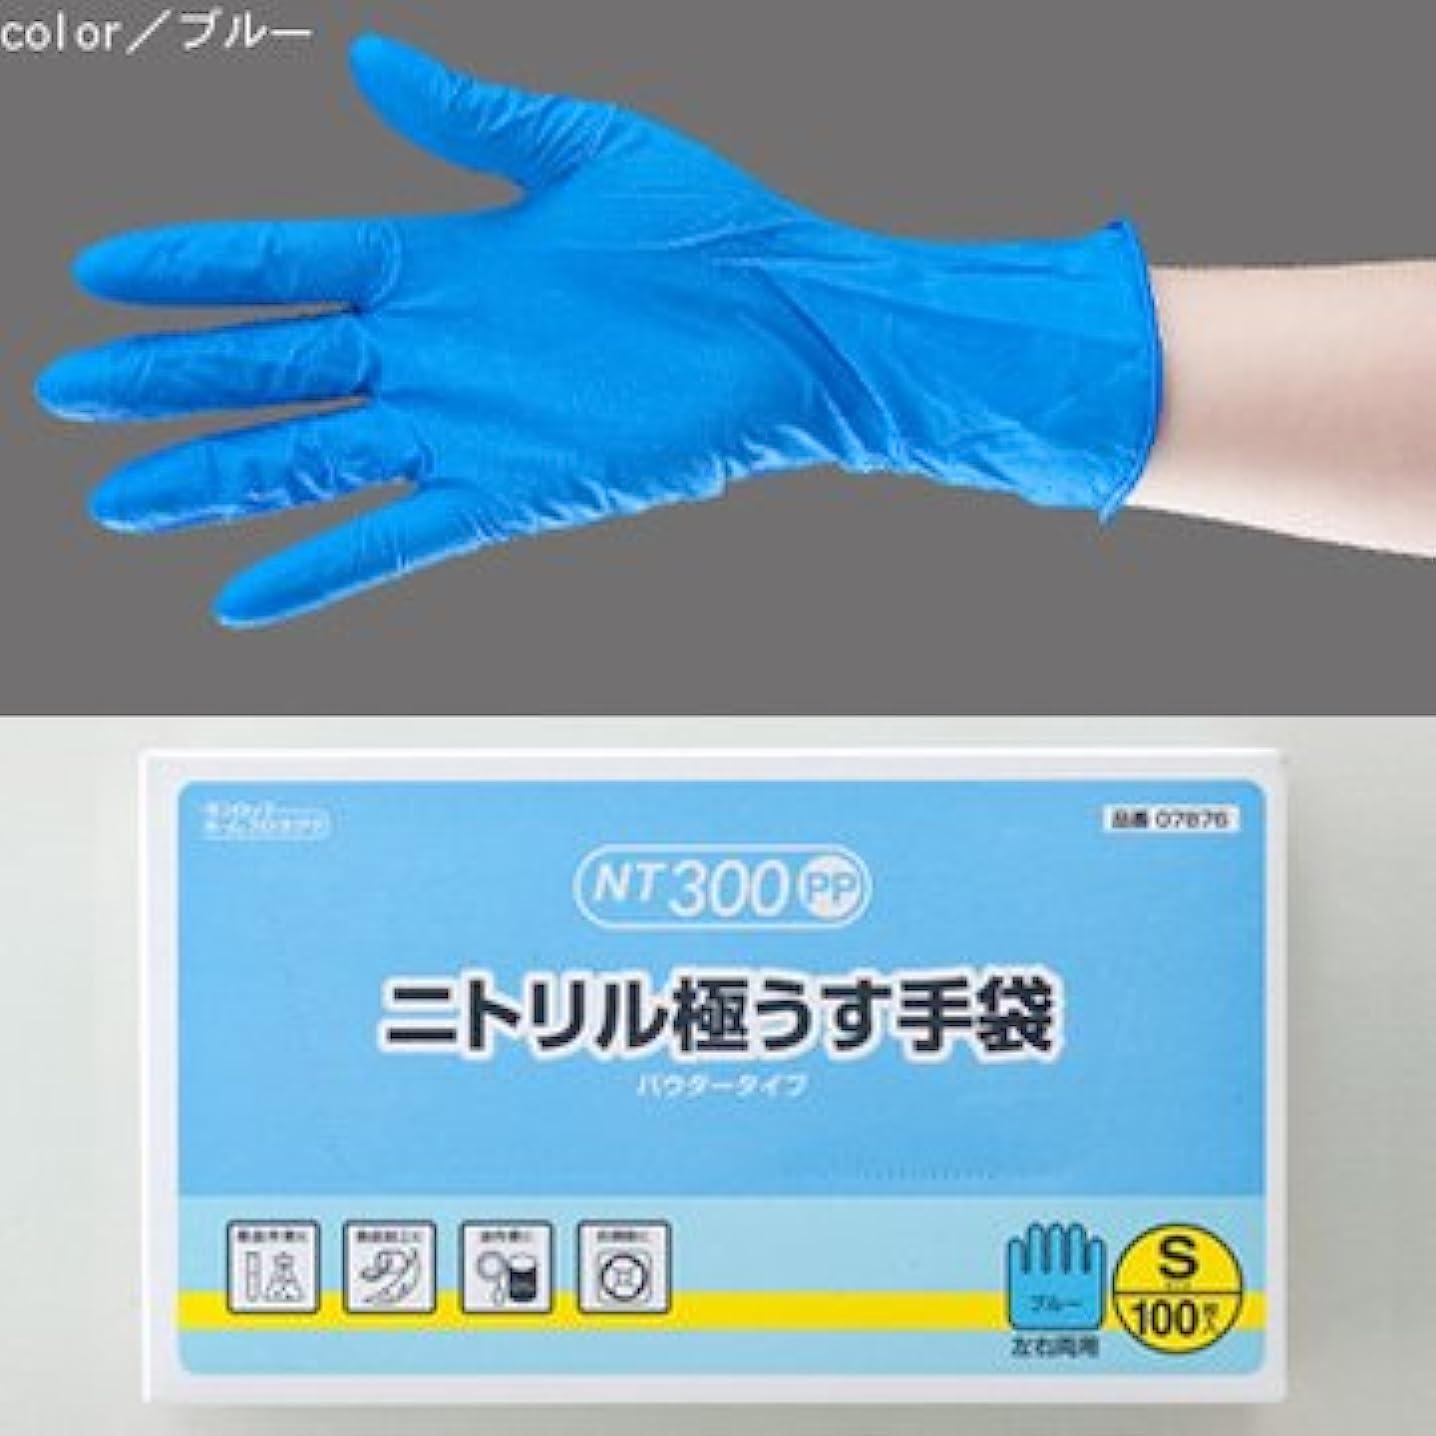 彼自身急勾配の必需品ニトリル極うす手袋 NT300PP 100枚入り (L)